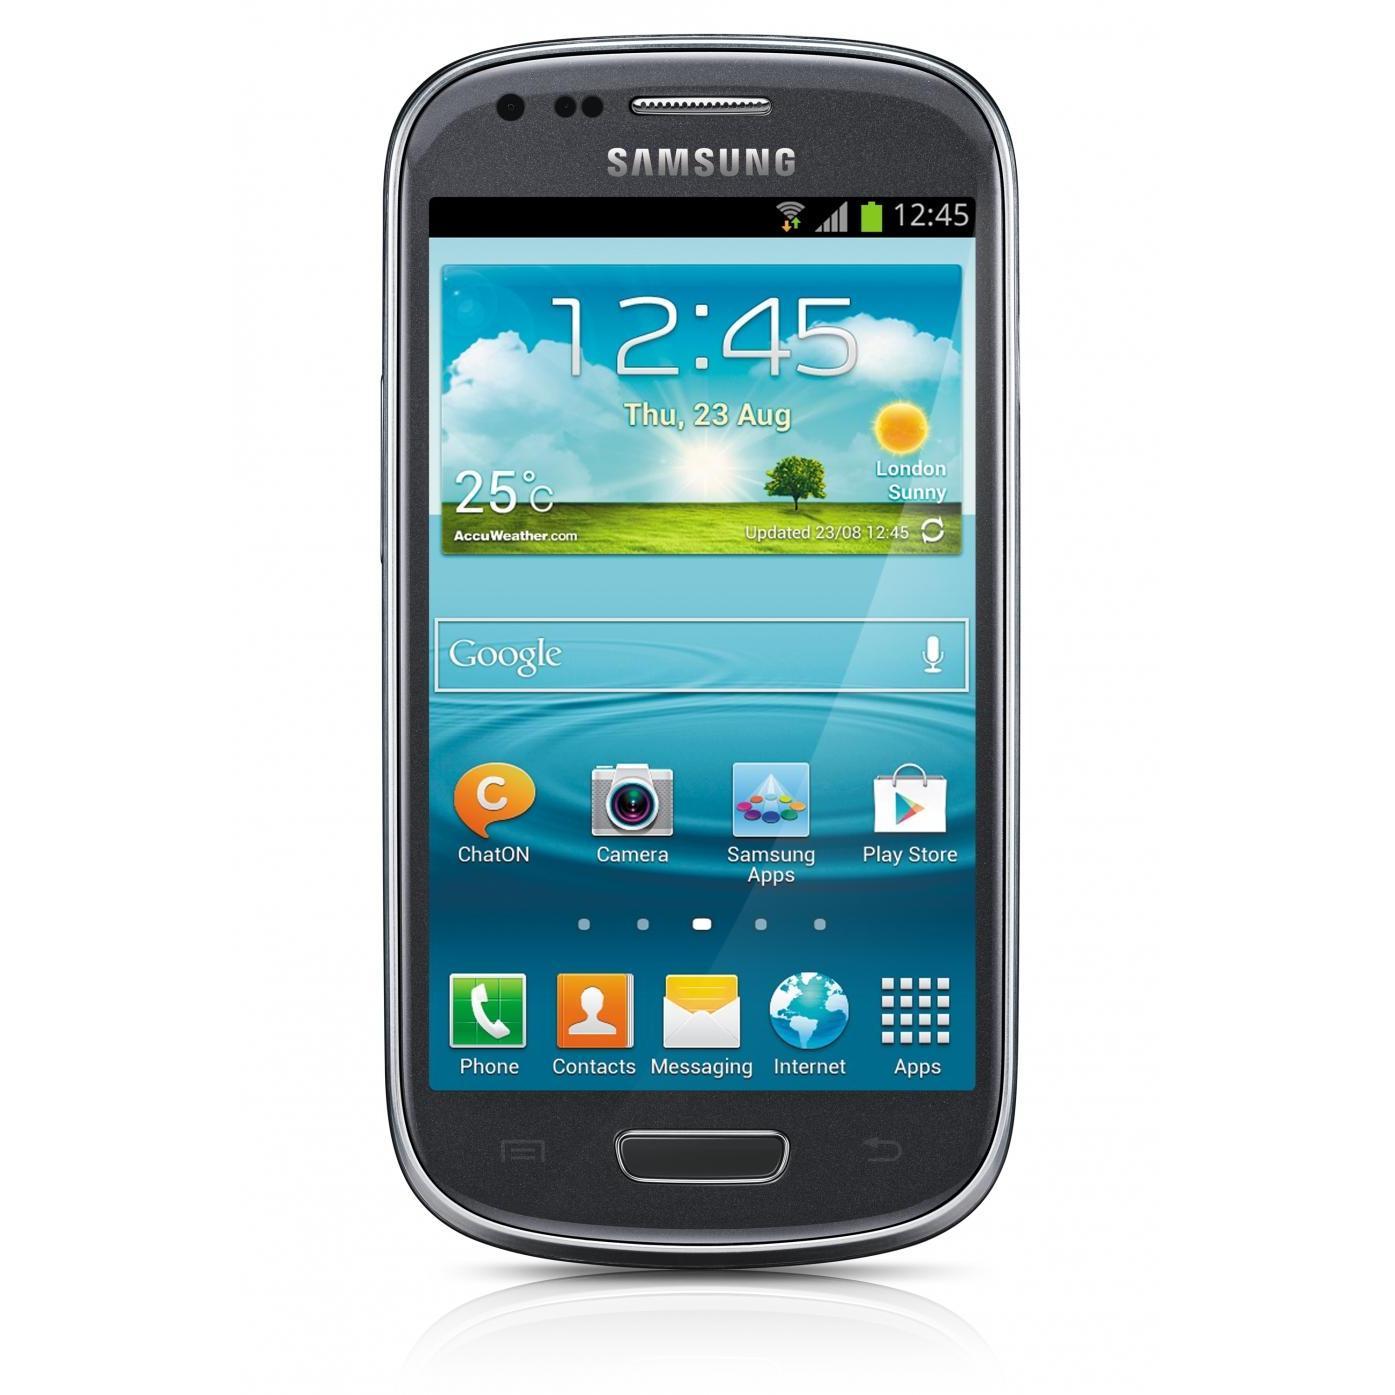 Samsung Galaxy S3 Mini 16 Go - Gris - Débloqué